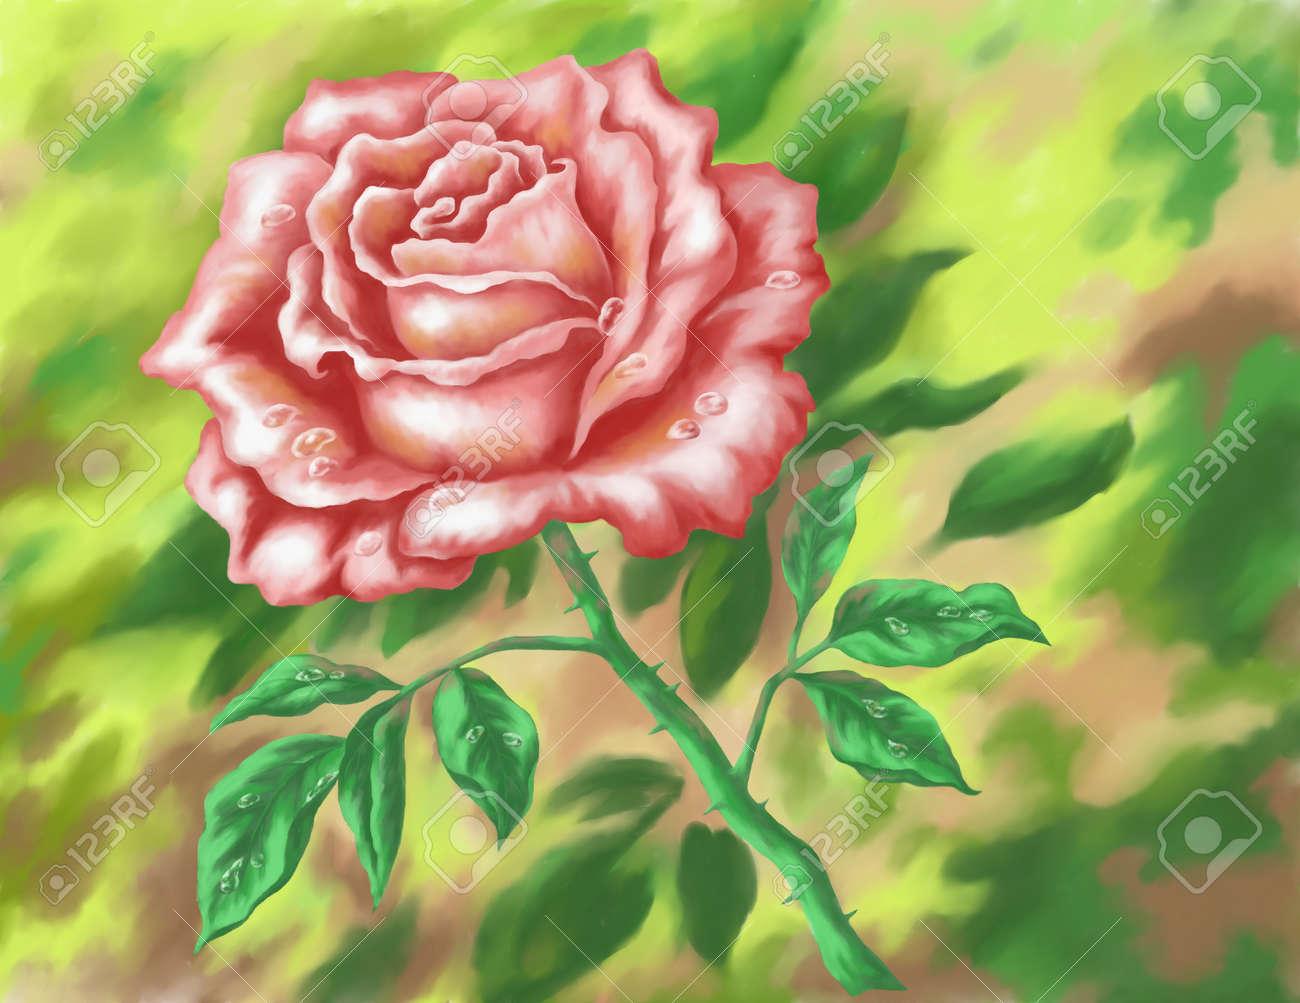 Fleur Rose Sur Fond Vert Photo Acrylique Peinture A La Main Tirage